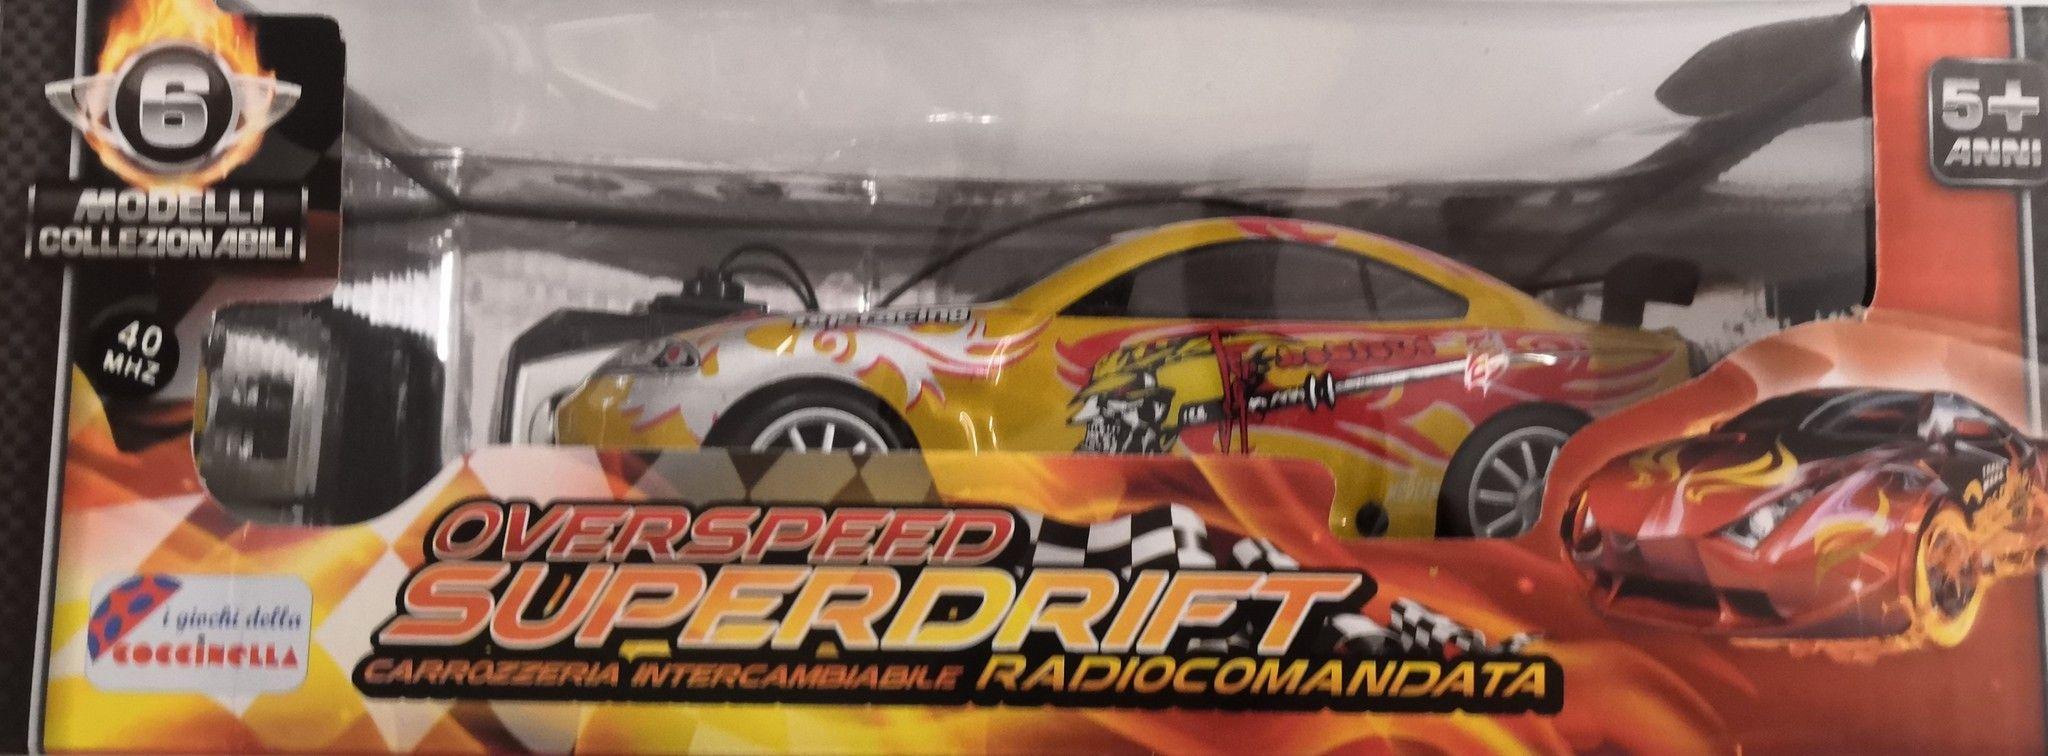 OVERSPEED SUPERDRIFT RADIOCOMANDATA